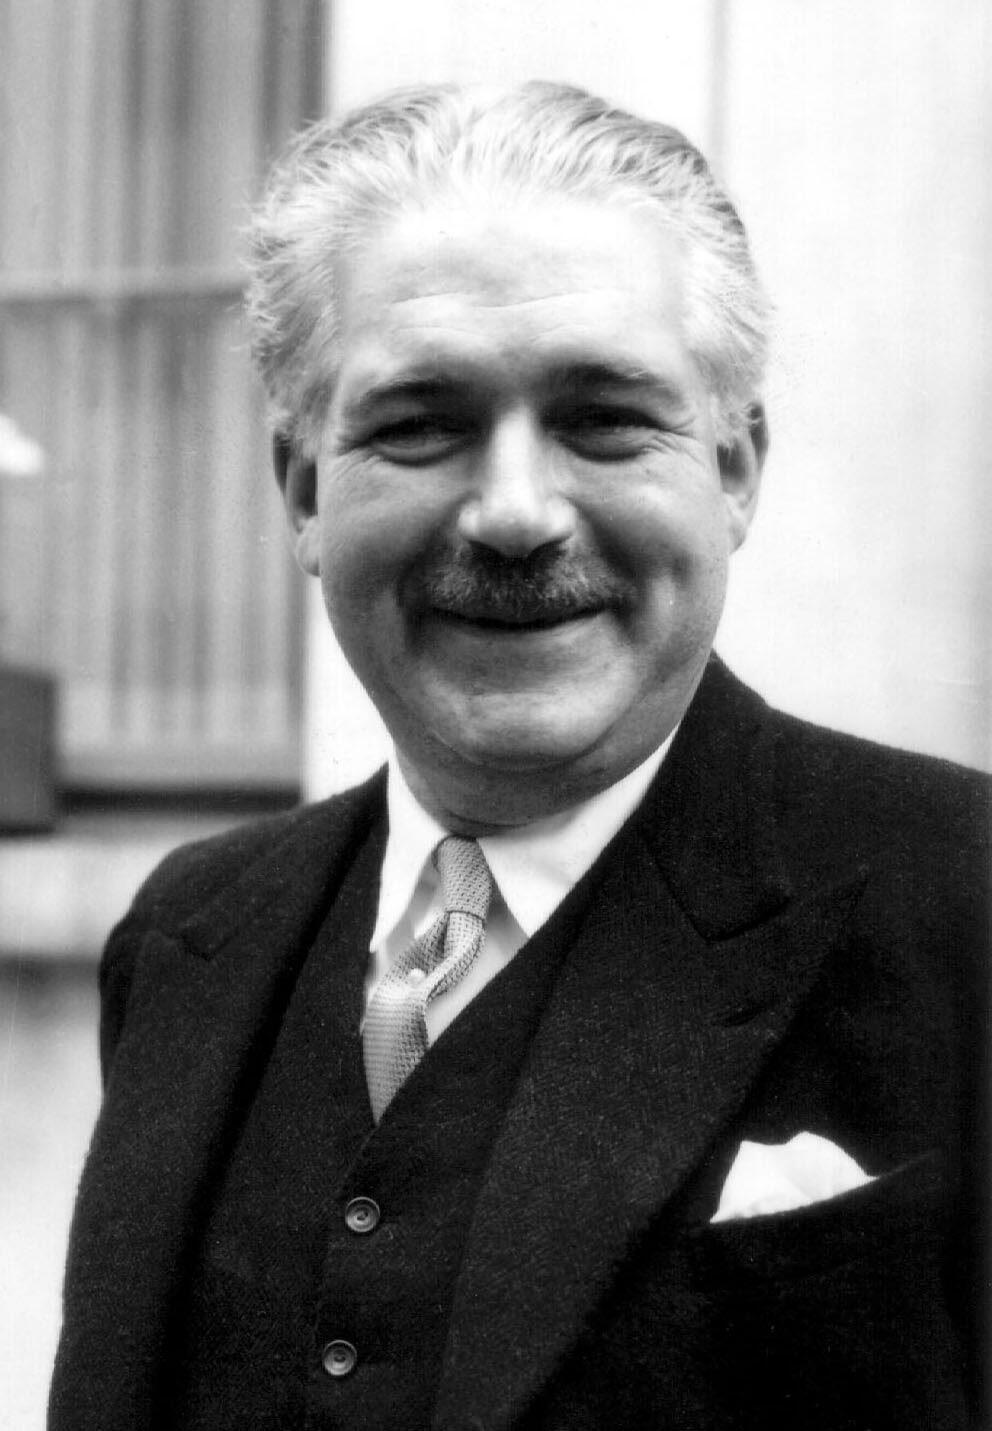 Photo non datée du comte Harold d'Aspremont Lynden.